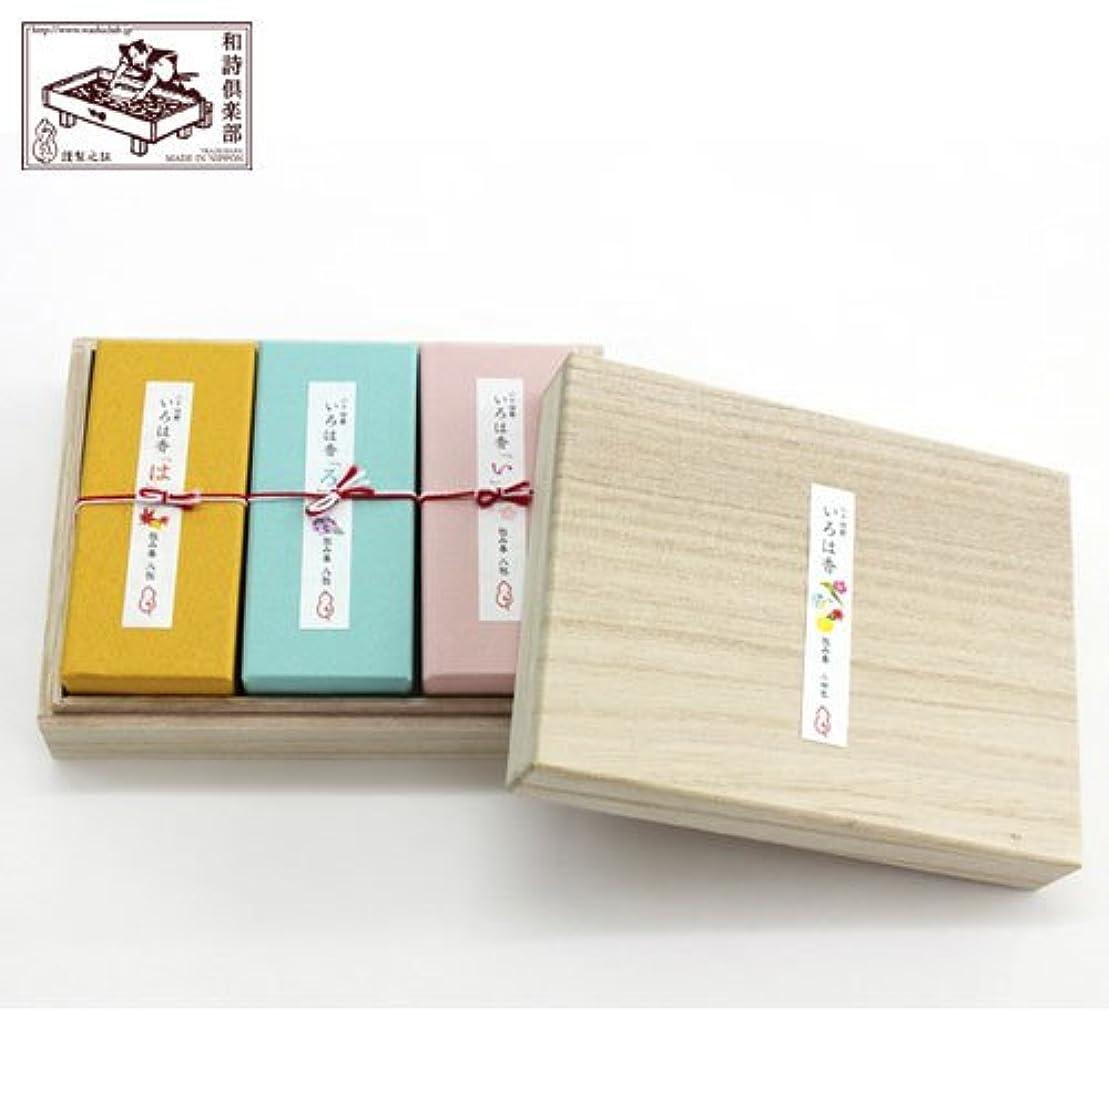 セールシフト間違いなく文香包み香セットいろは香二十四節気 (TT-001)和詩倶楽部